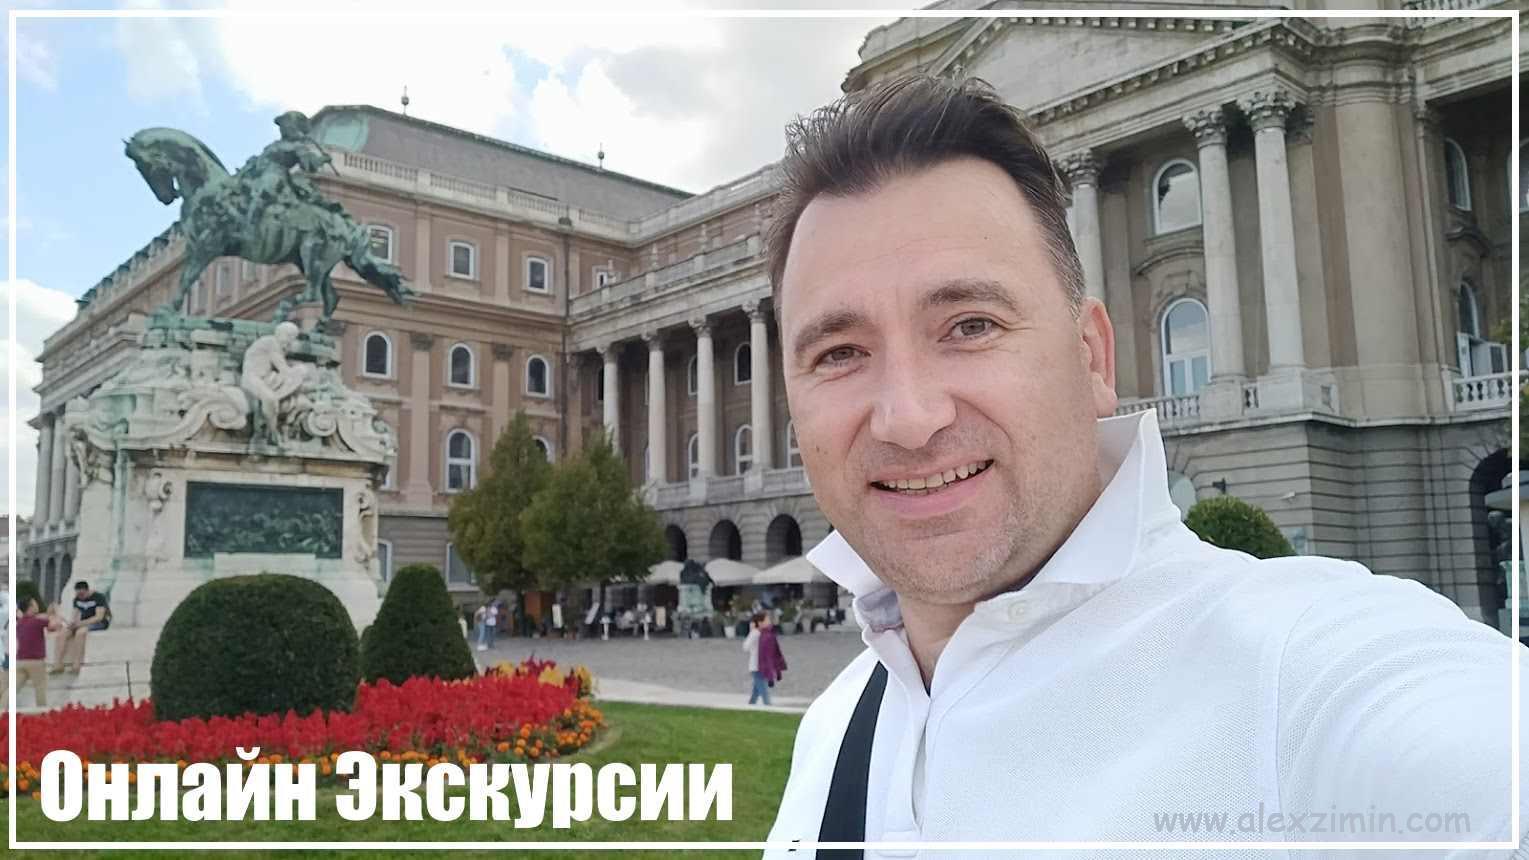 Онлайн экскурсии с гидом на русском языке. Алексей Зимин